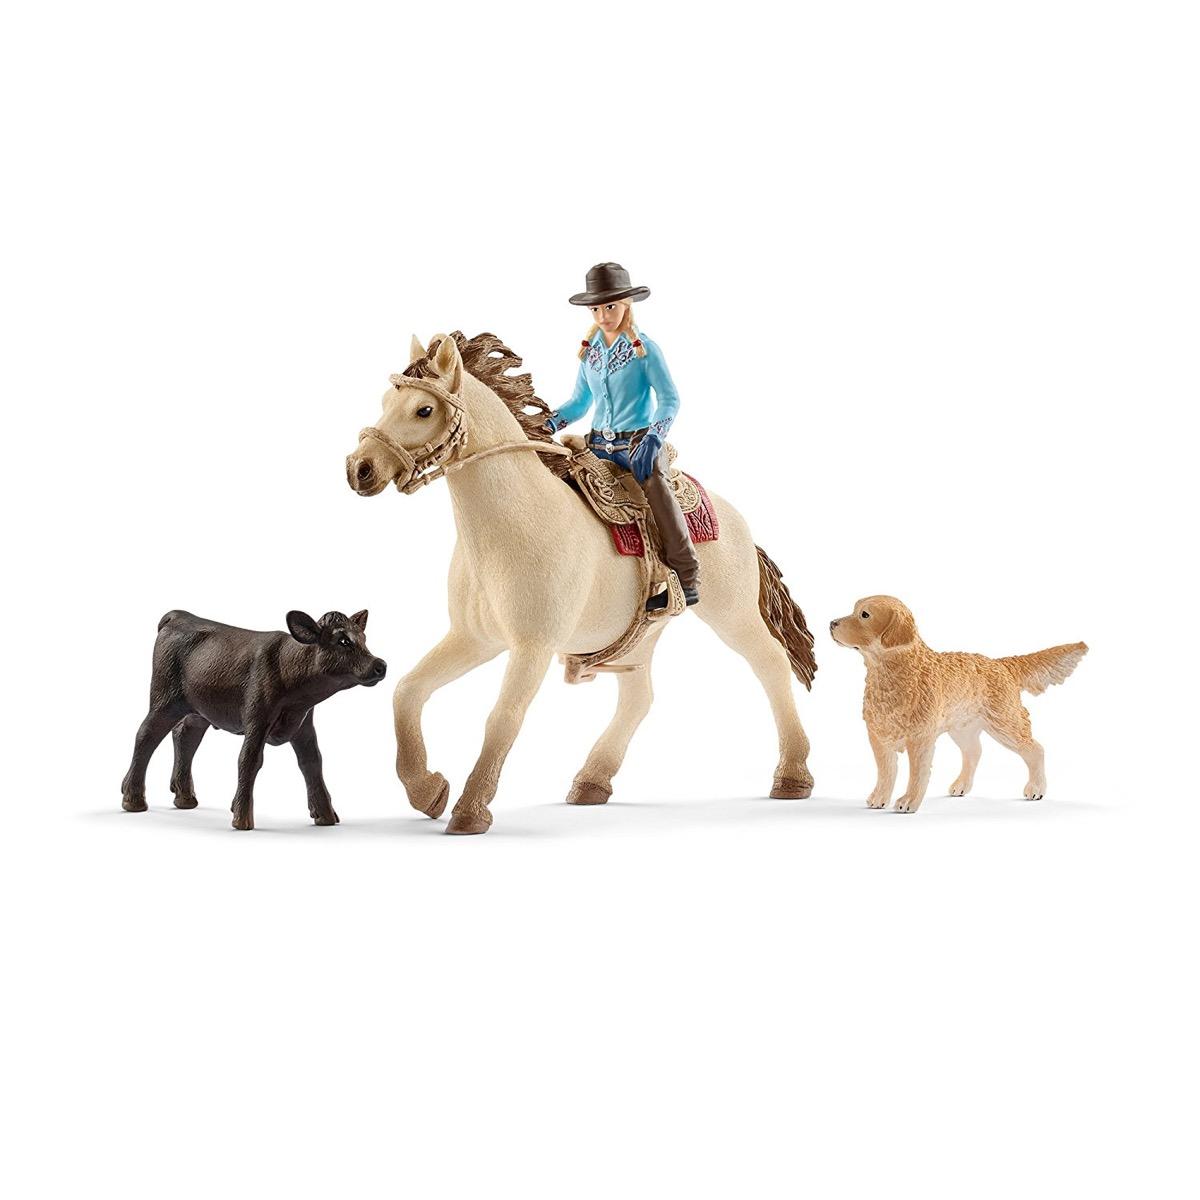 Schleich-Farm-World-Bauernhof-Tiere-13865-13866-13868-Kuh-Bulle-Neuheiten-2018